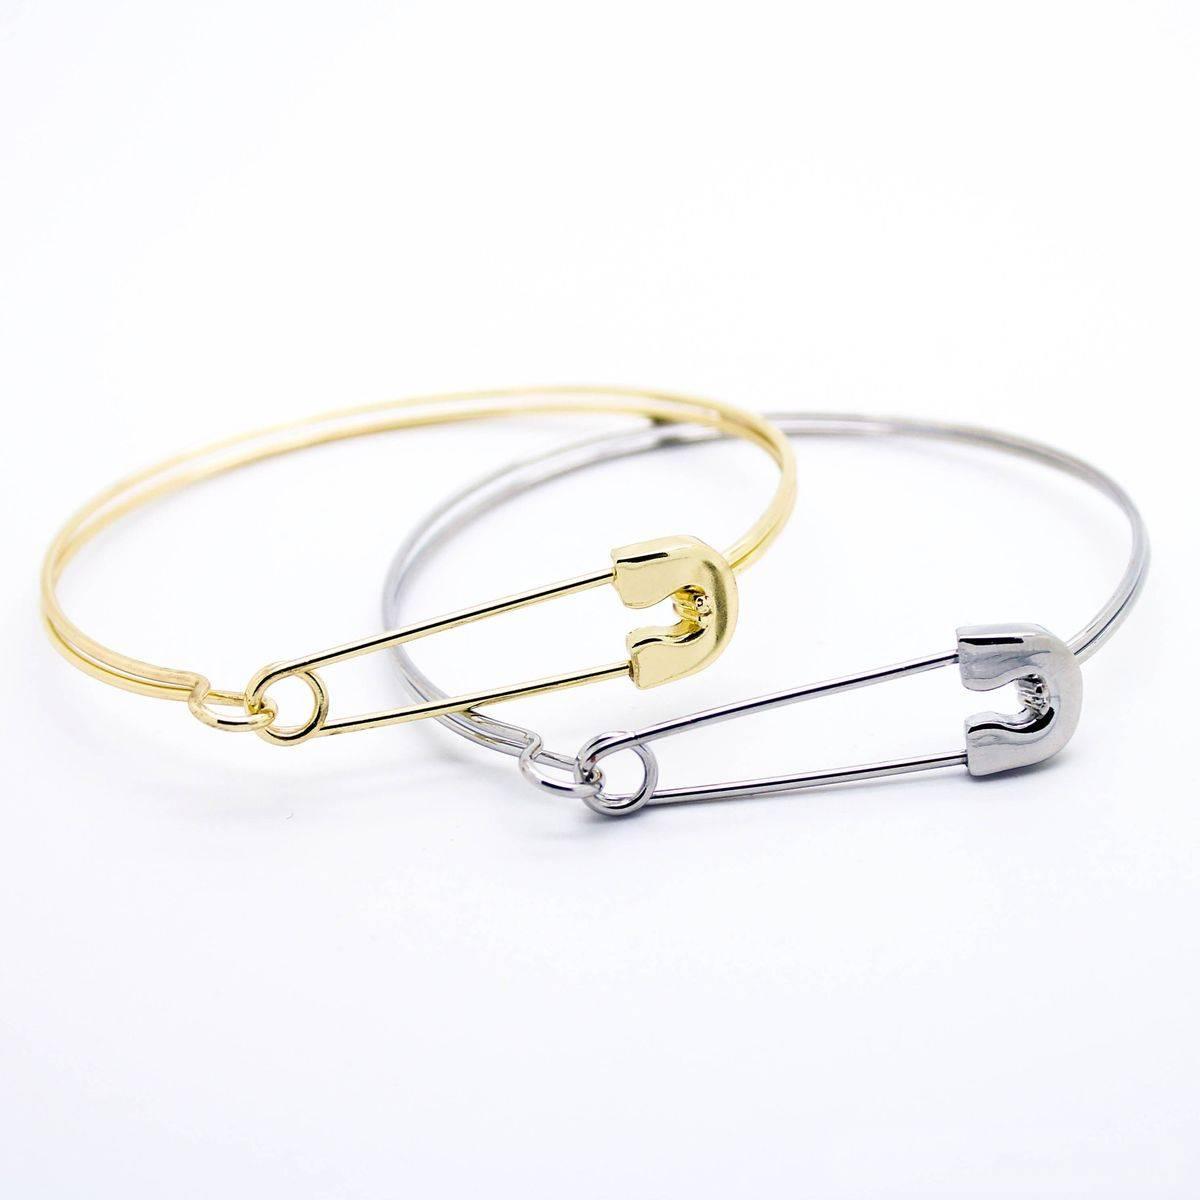 Bangle bracelets-254805291397904079